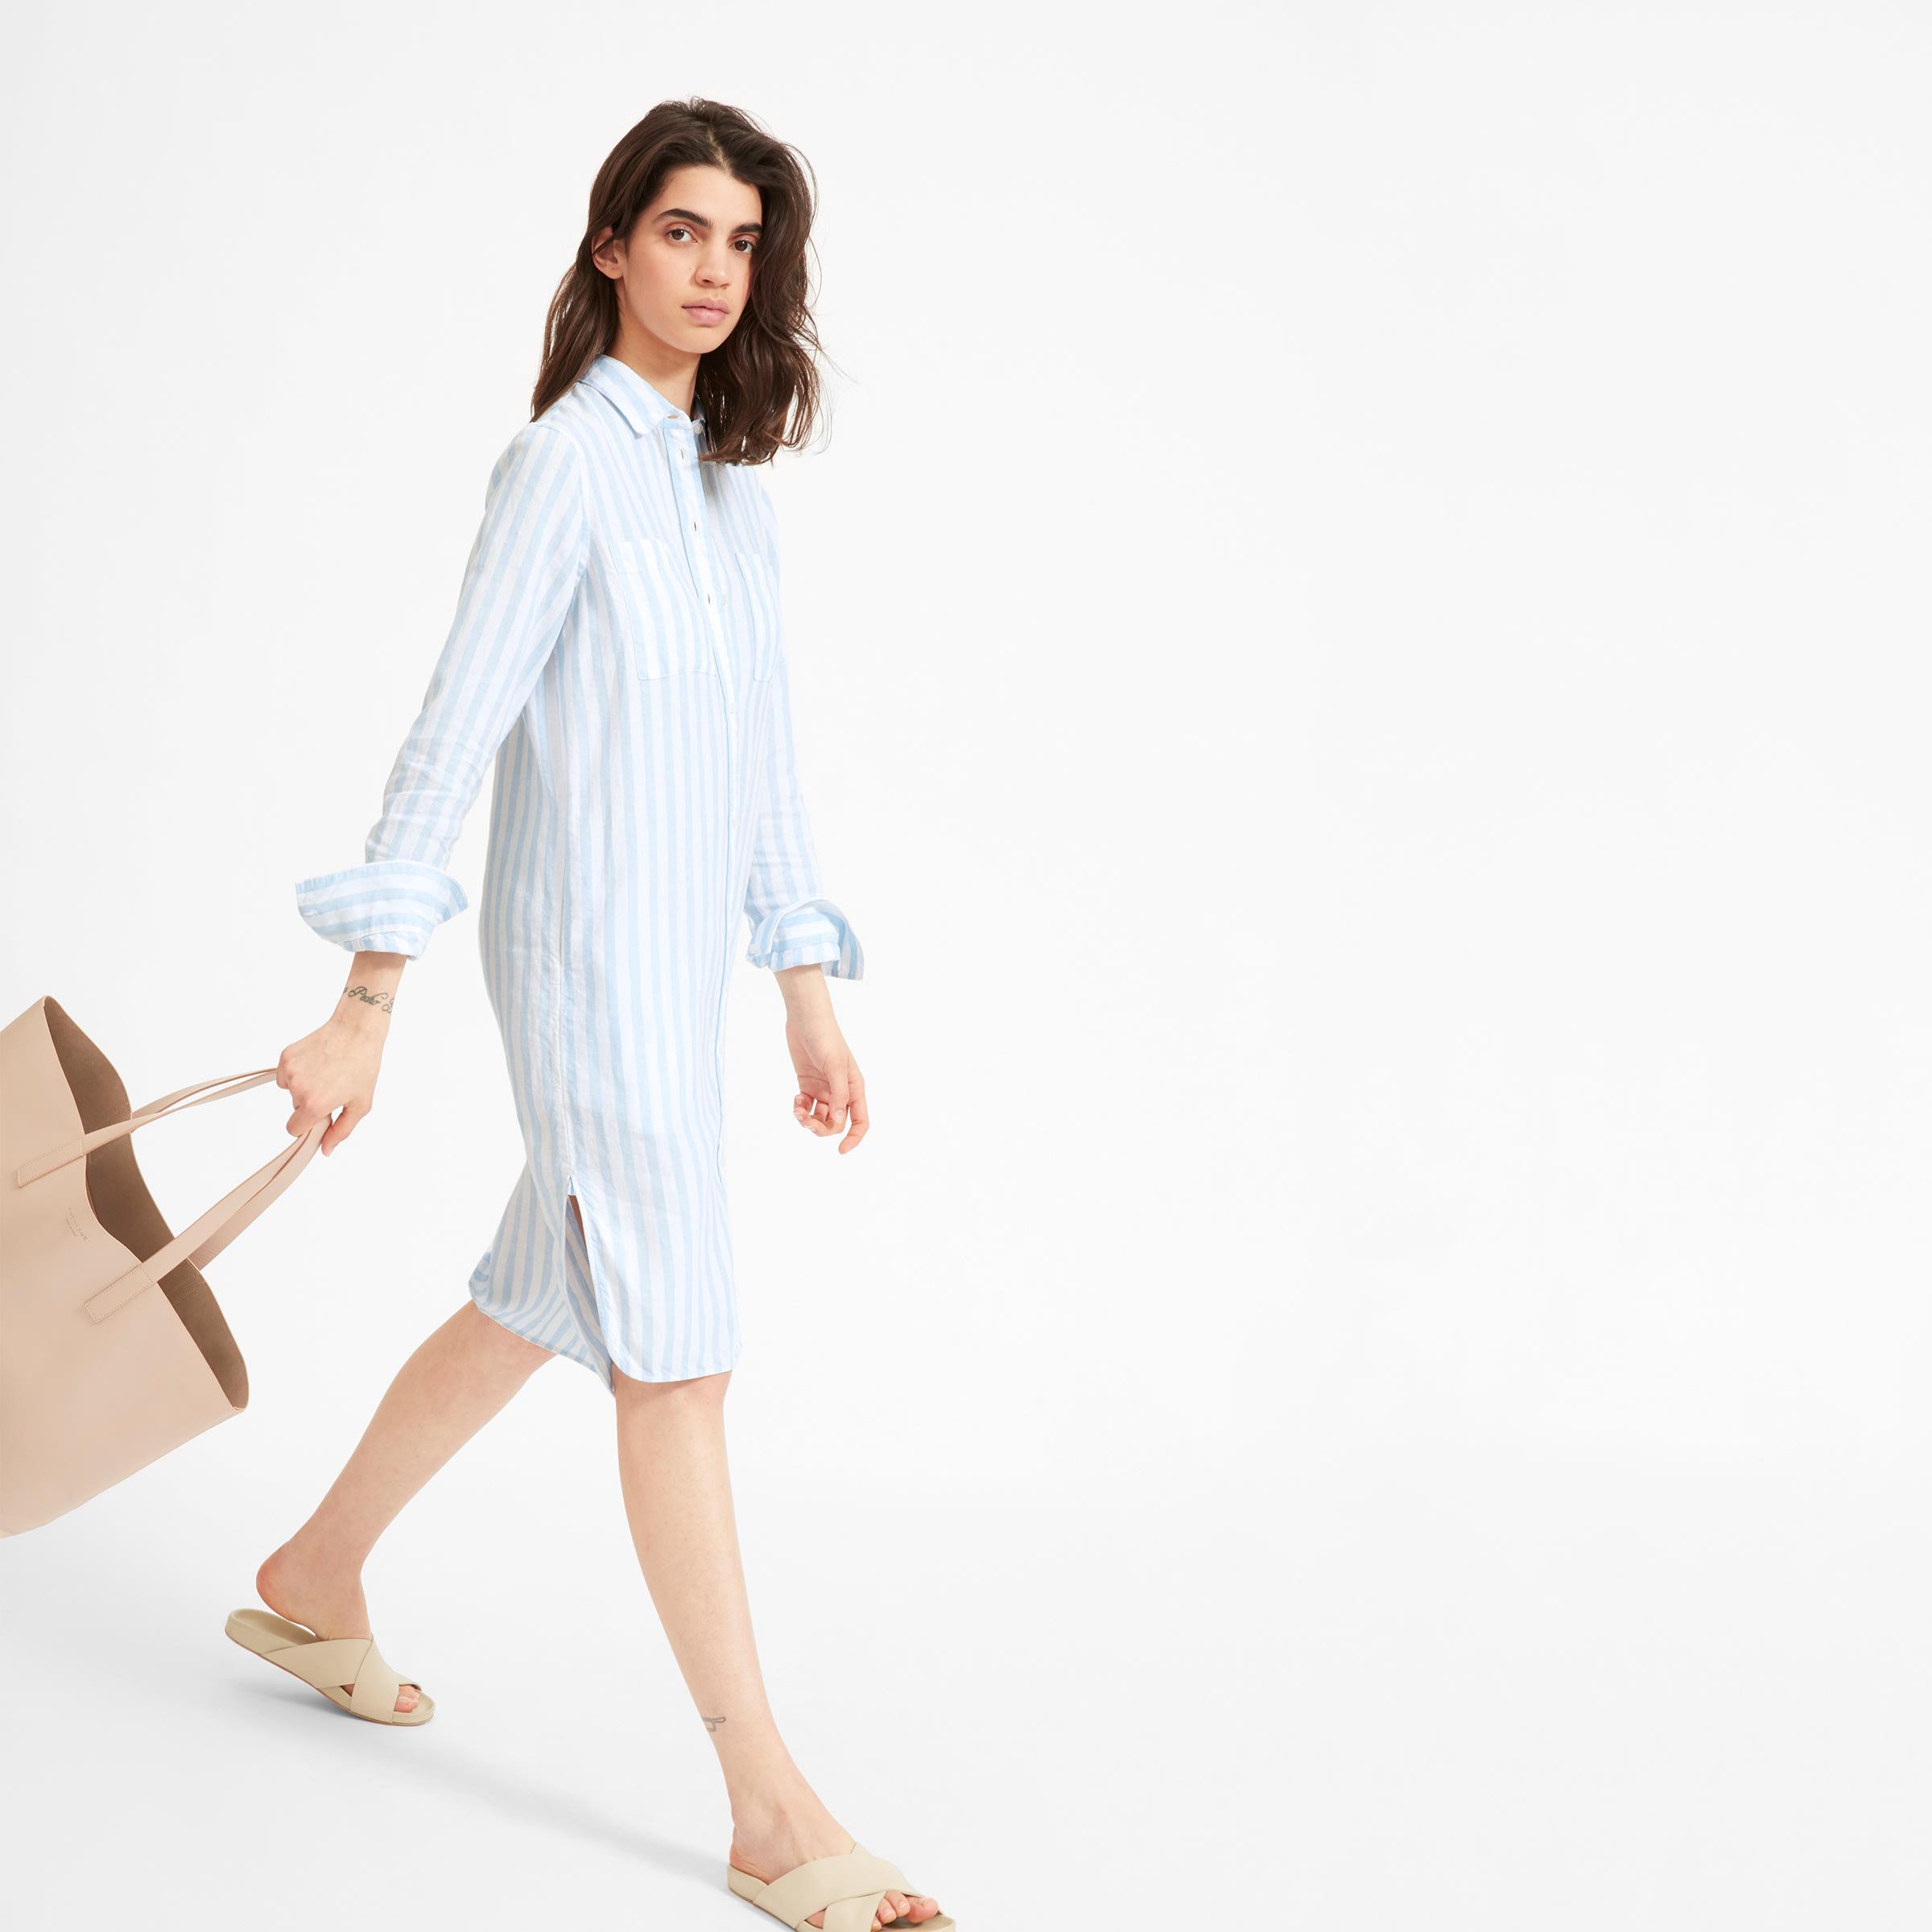 97e8e8b95e1 Women's Linen Shirt Dress | Everlane